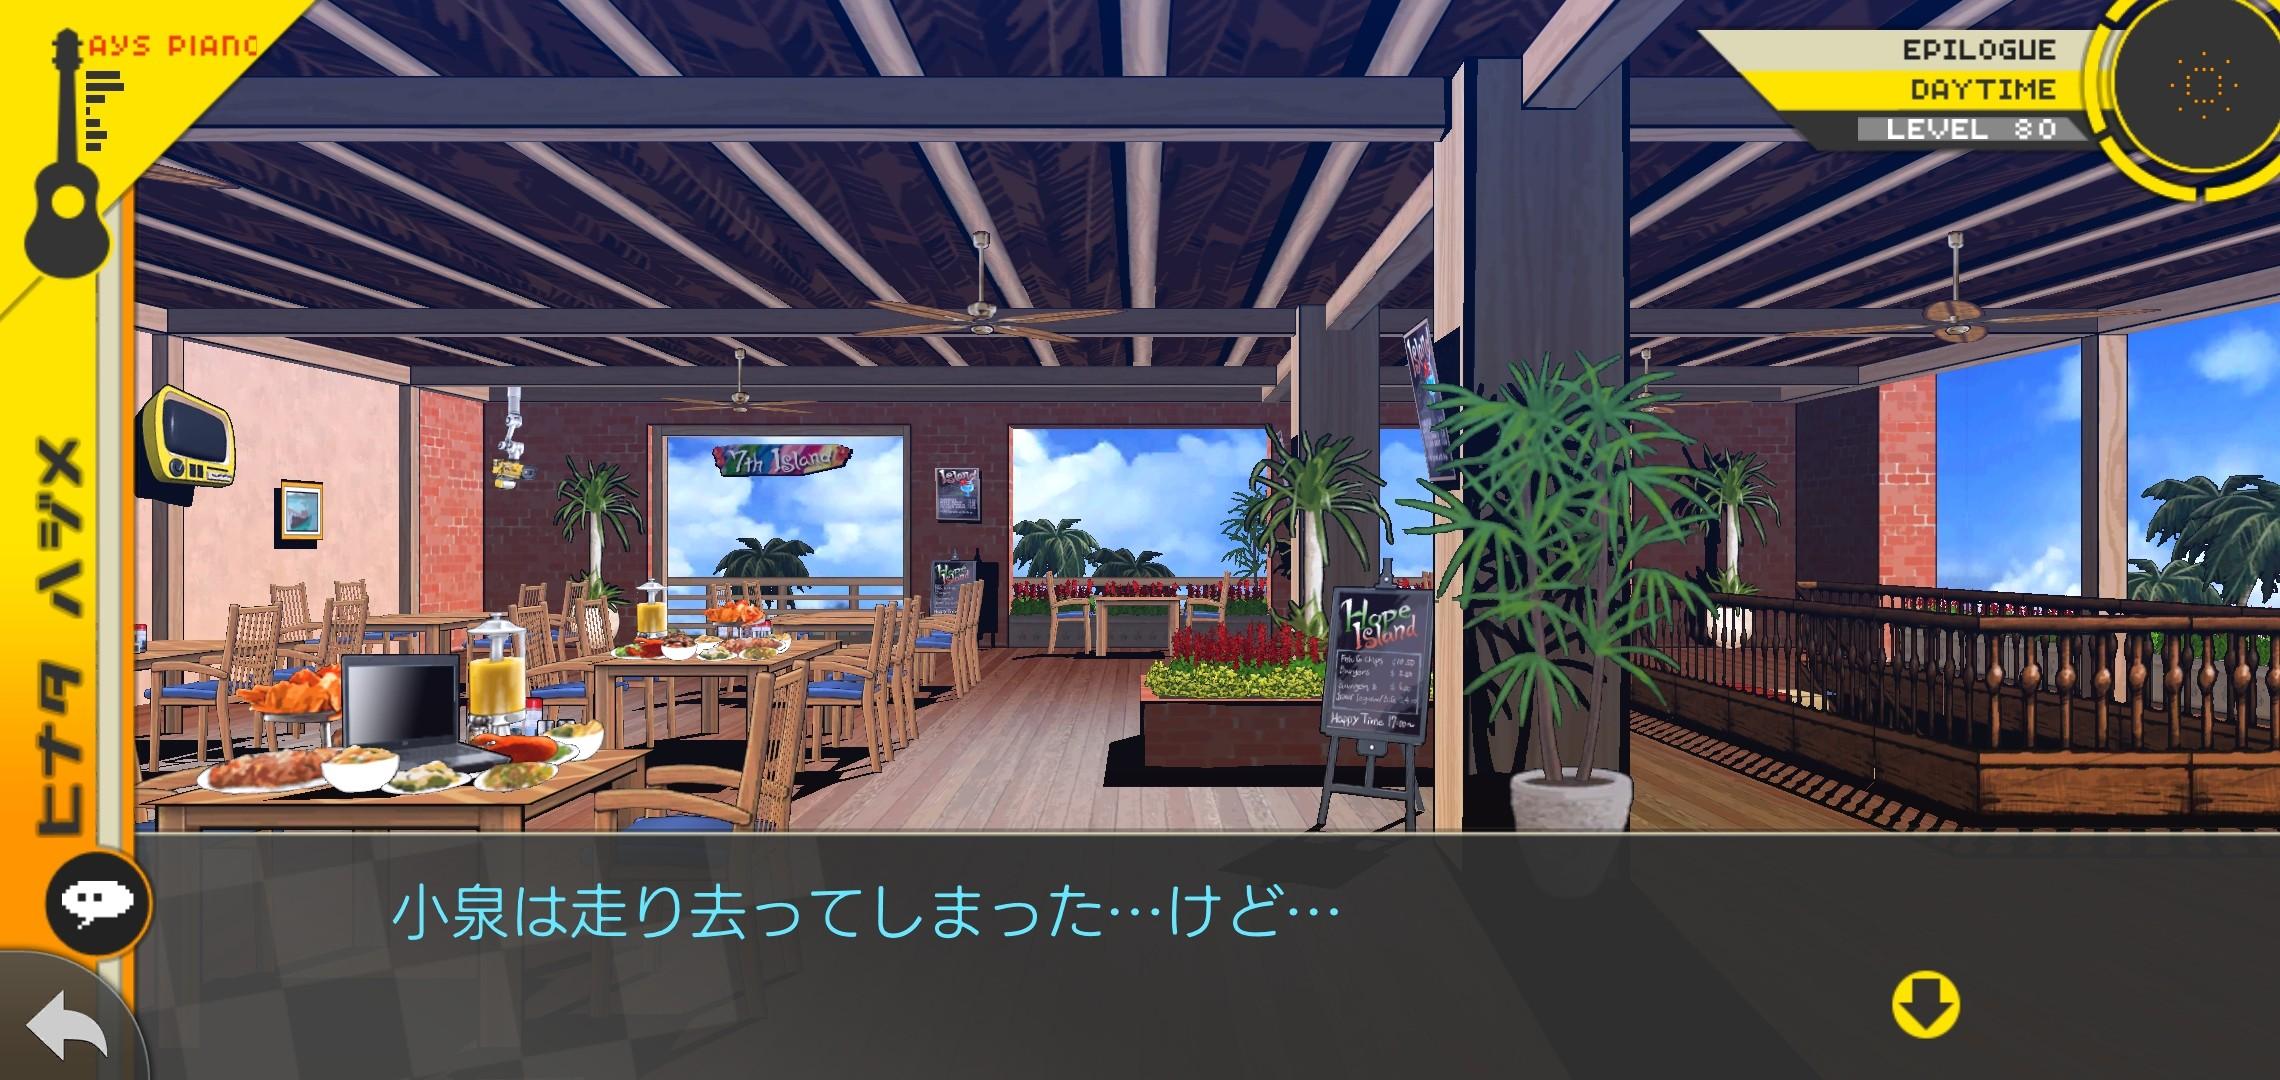 f:id:Rinburu:20201207235245j:plain